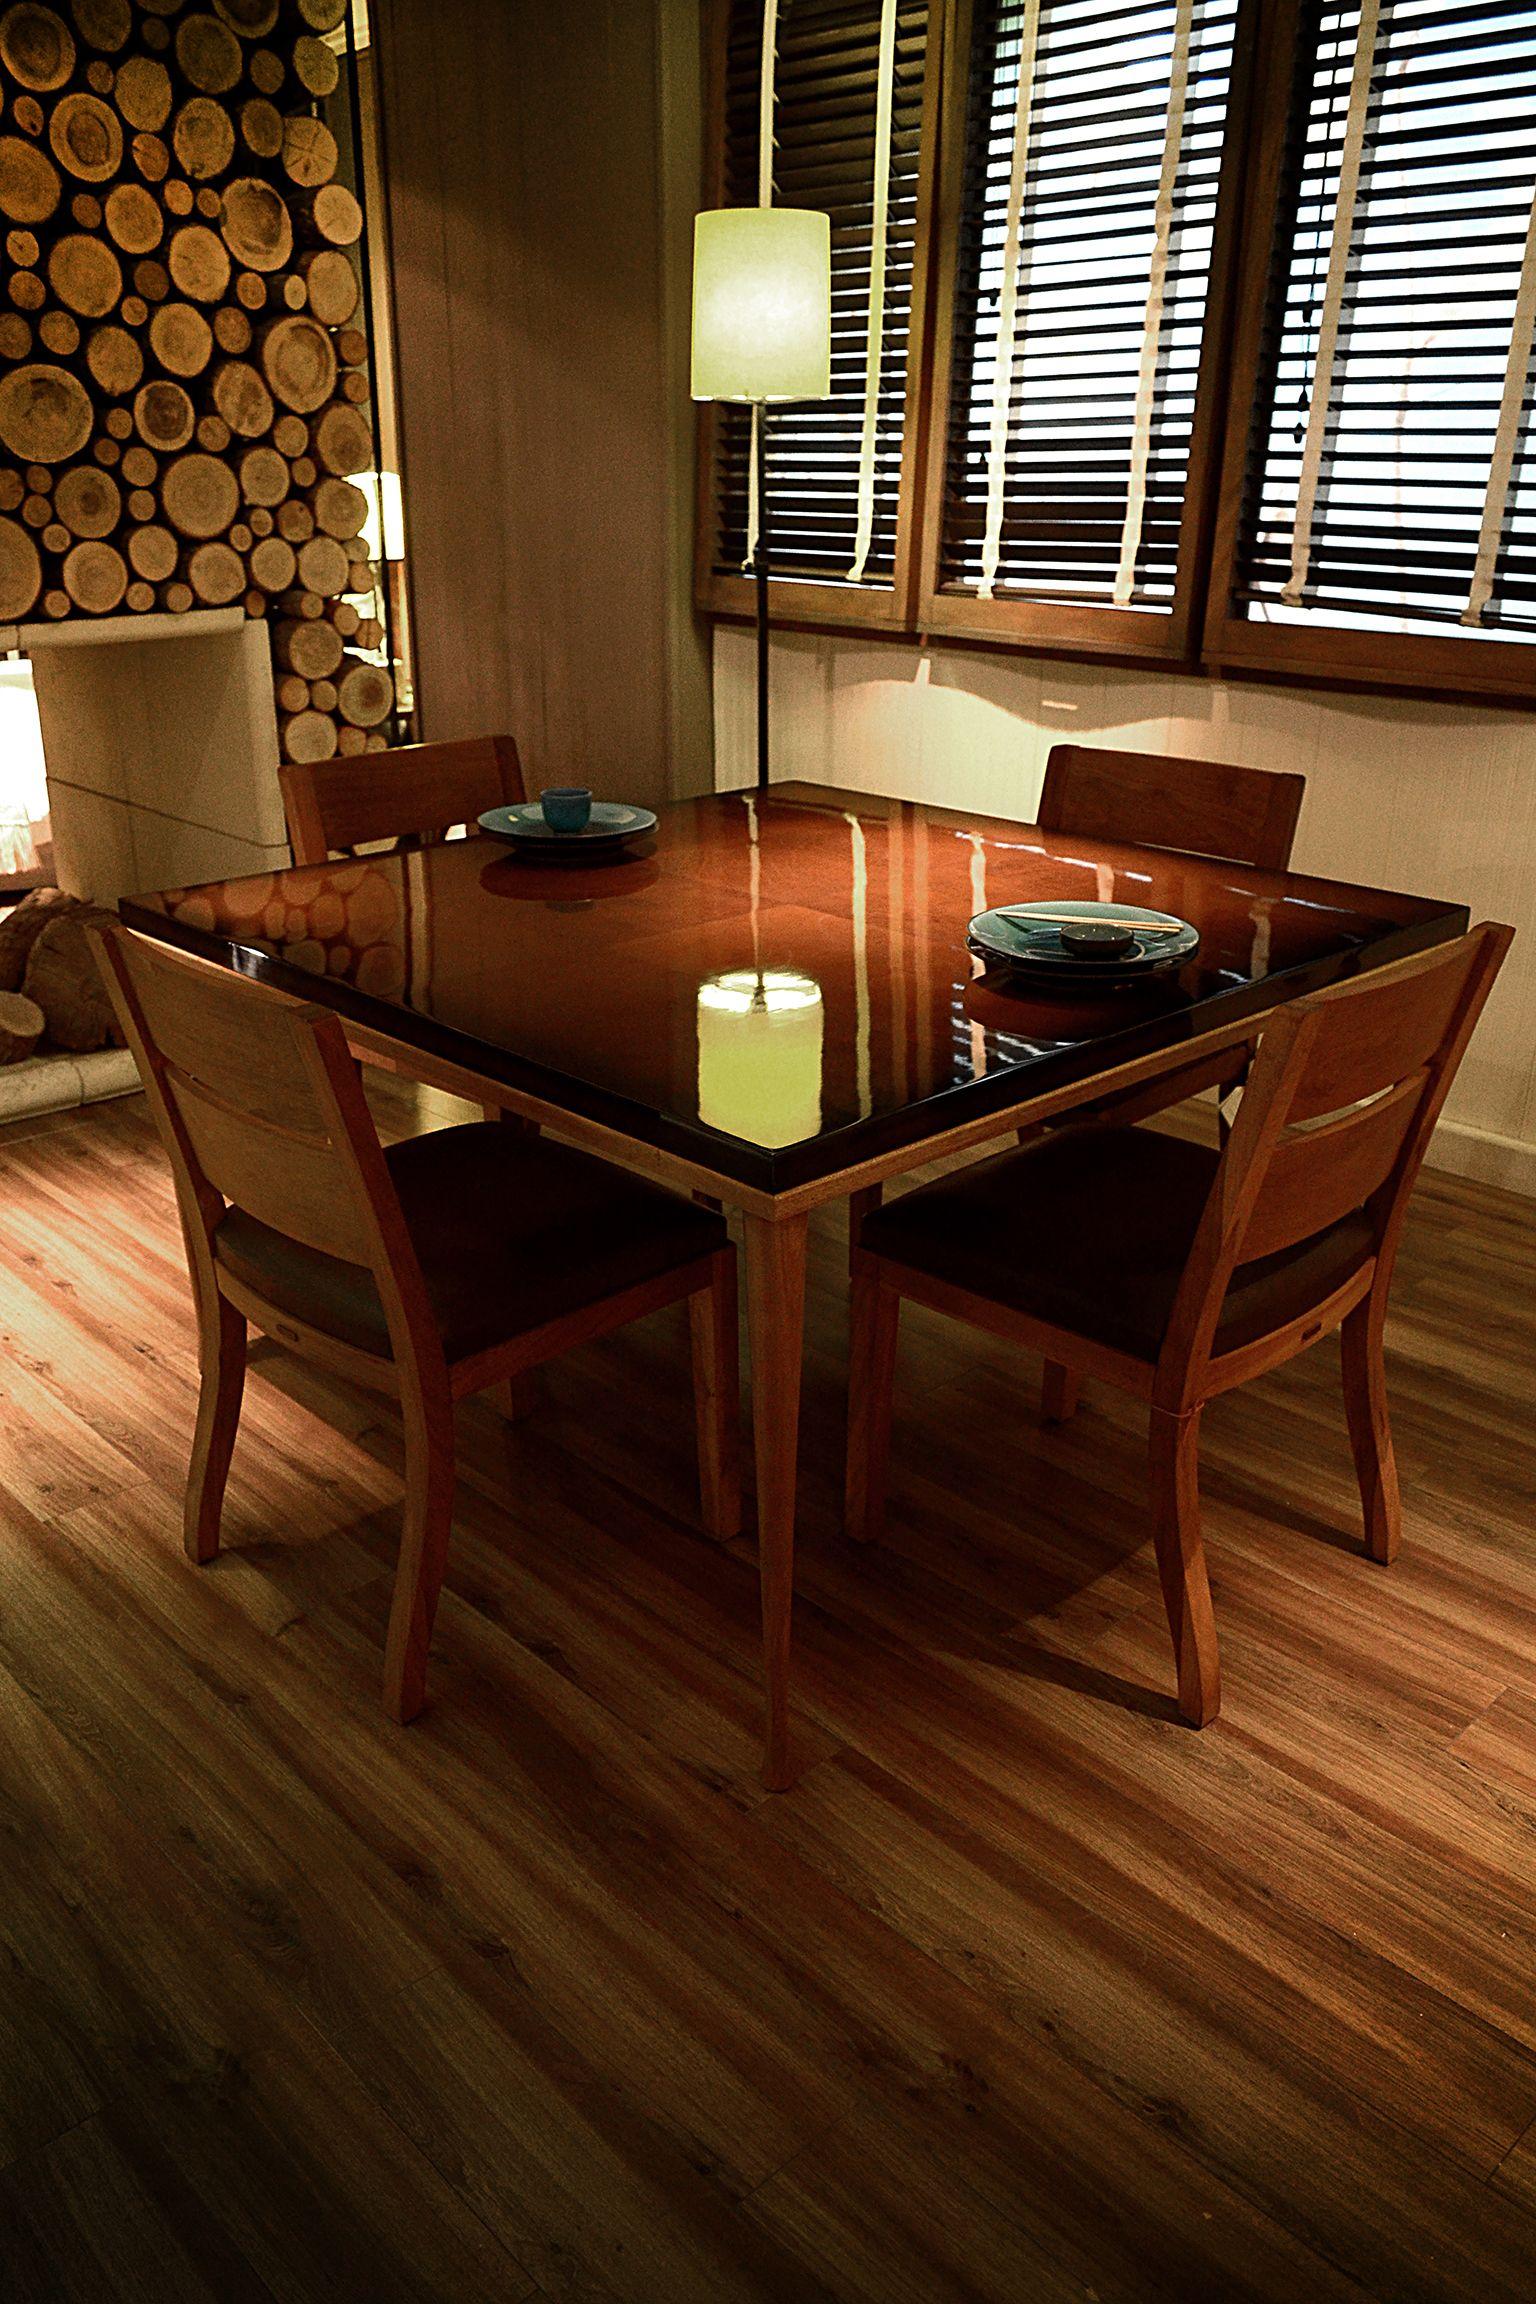 Mesa De Comedor Cuadrada Recomendada Para Lugares M S Peque Os  # Muebles Ezquerro